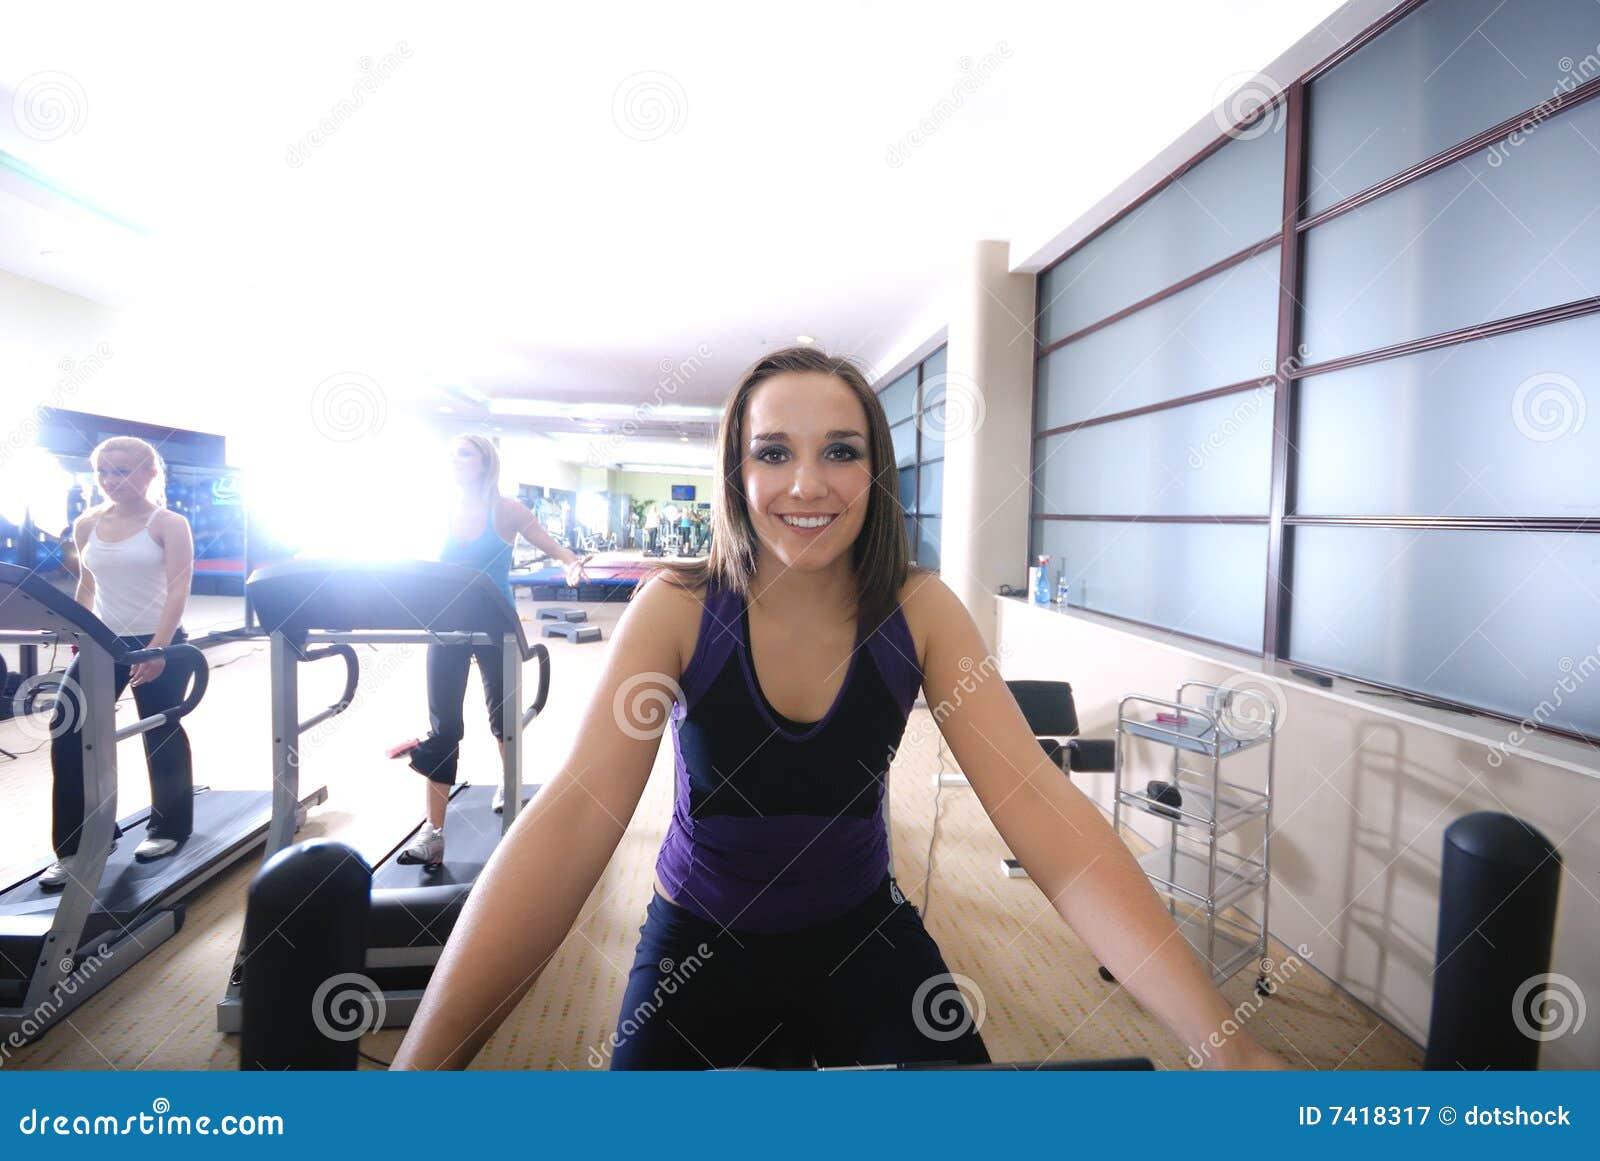 Γυναίκα που επιλύει στην περιστροφή του ποδηλάτου στη γυμναστική